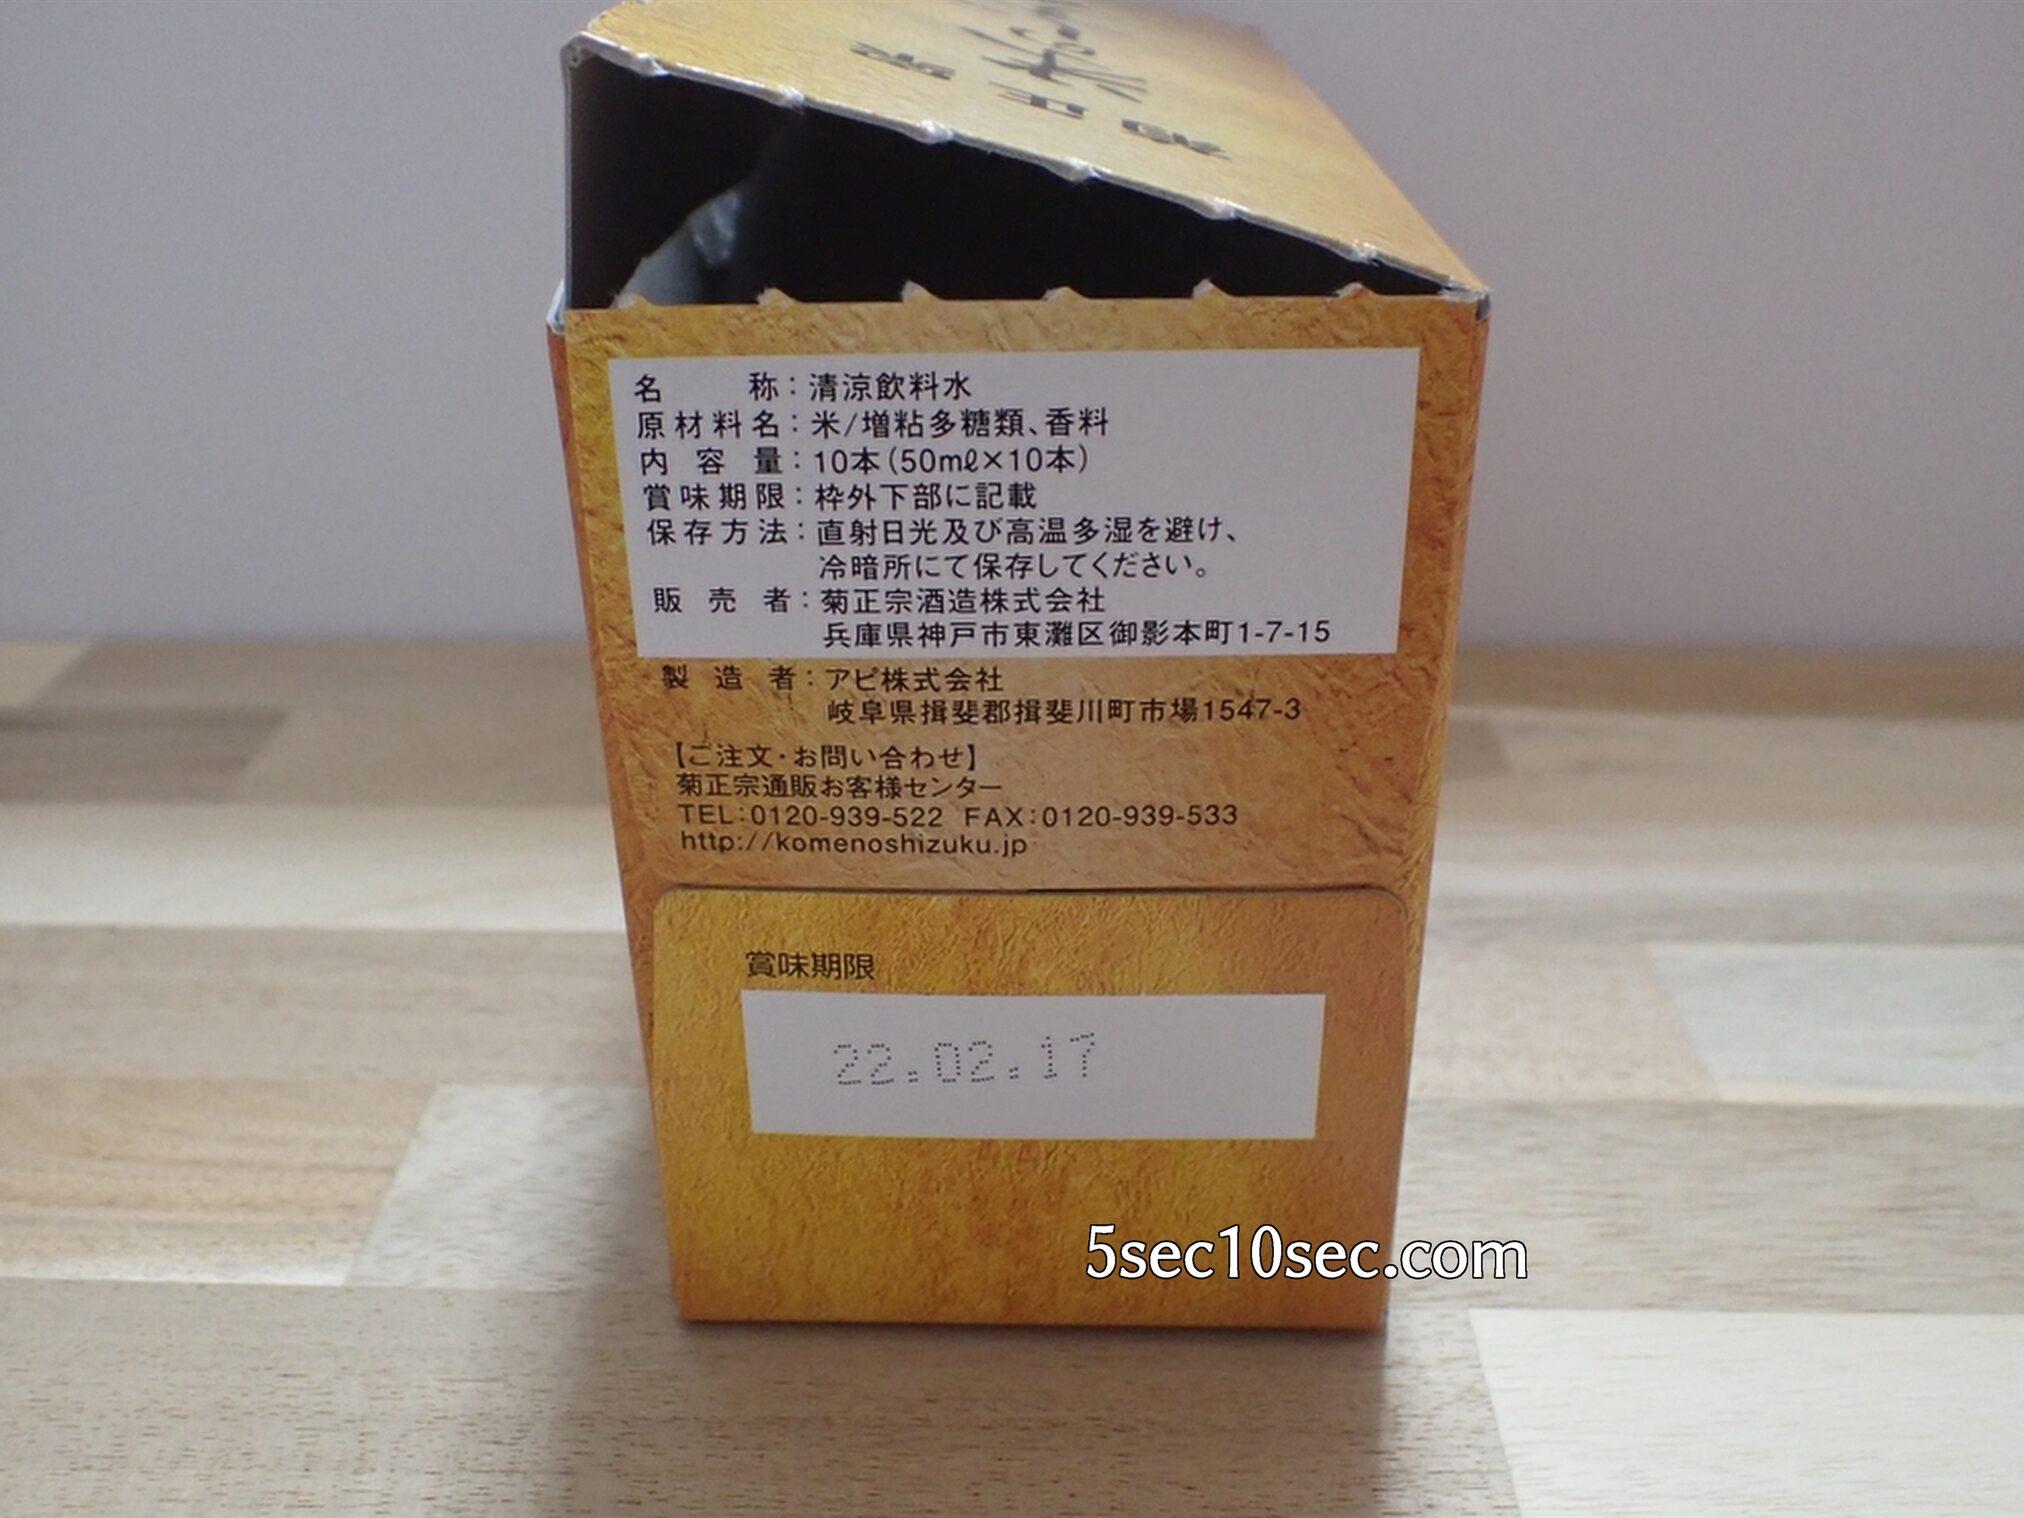 菊正宗酒造株式会社 乳酸菌「LK-117」配合 酒蔵の乳酸菌 米のしずく ドリンクタイプ10日間お試しセット 原材料名